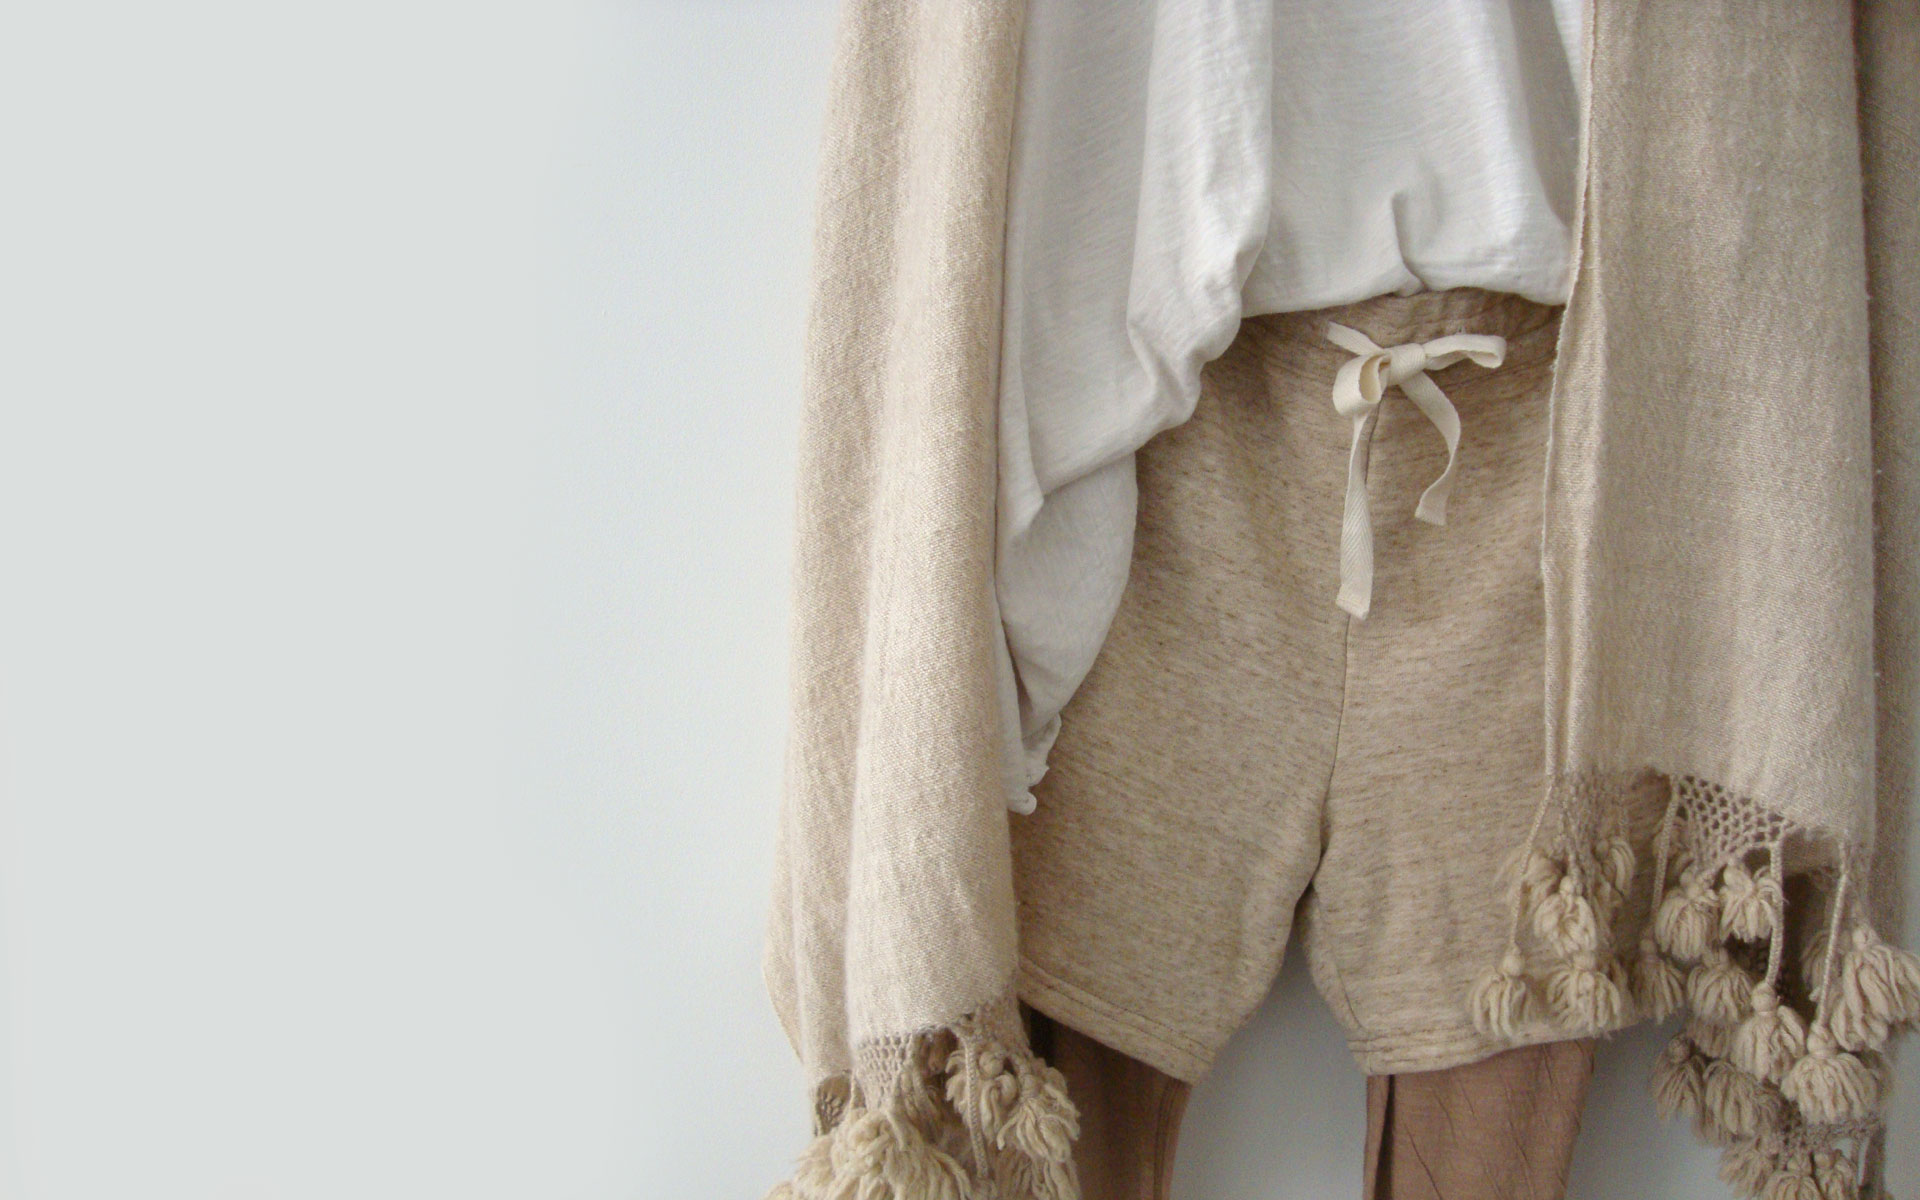 ナチュラル服・肌触りの良い大人のガーゼ服はao daikanyama | アオ代官山